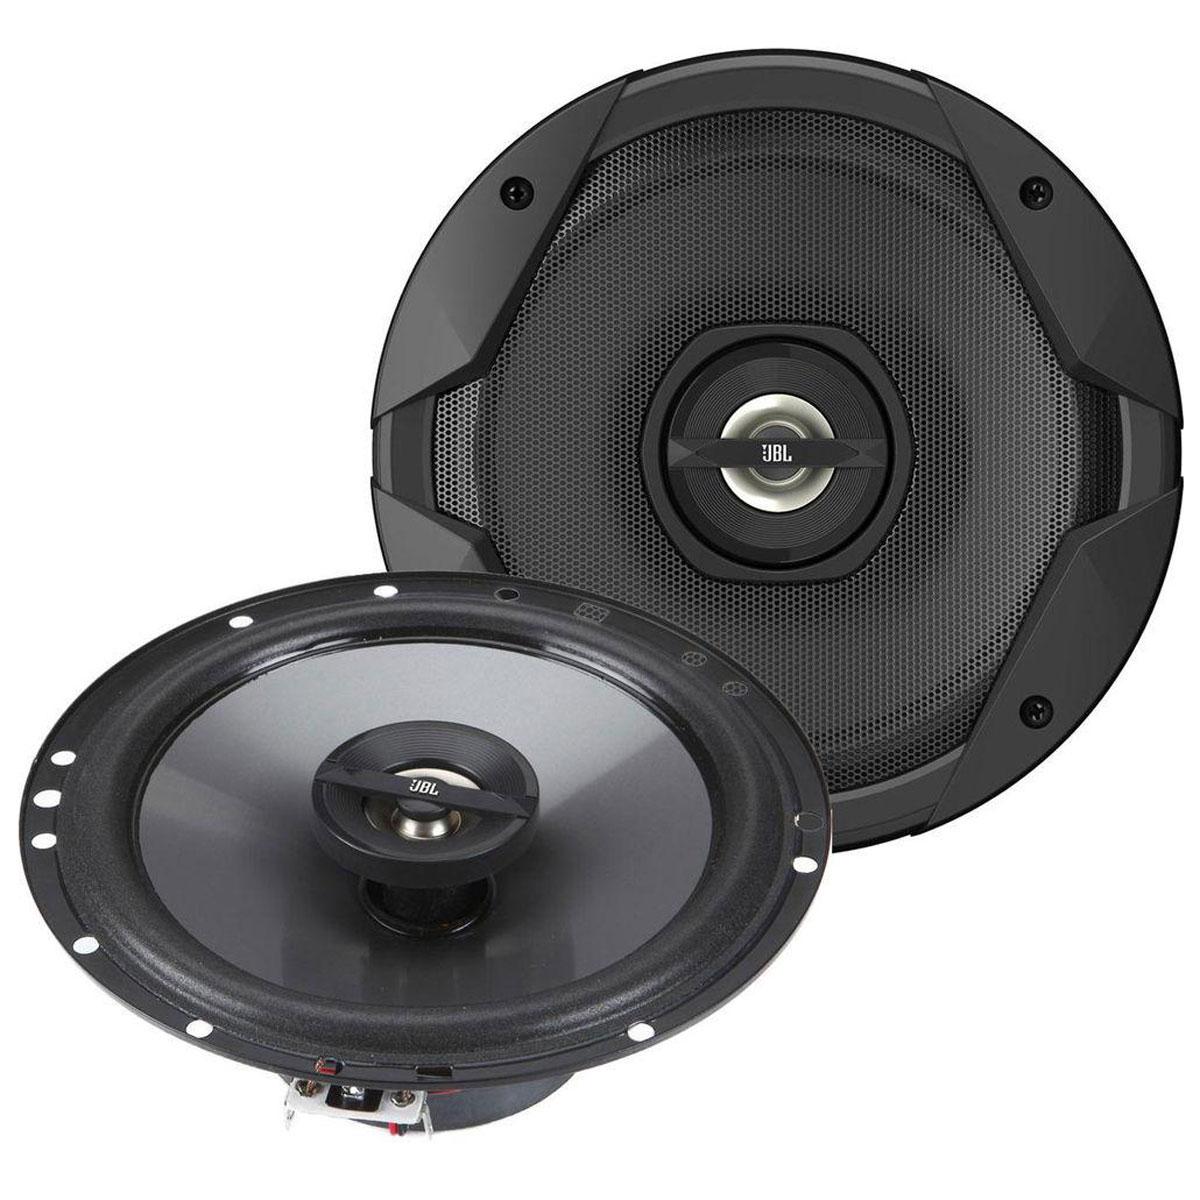 JBL GT7-6 автоакустика коаксиальнаяGT7-6Автомобильные динамики серии JBL GT7 – оптимальный выбор для тех, кто ценит сочетание цены и качества, а также небезразличен к стилю автомобильной акустики. Серия колонок JBL GT7 с легкостью интегрируется на место штатных колонок и проста в установке. Кроме того, каждый комплект динамиков включает оборудование для установки, что делает их монтаж еще более простым.Технология Plus One позволяет увеличить полезную площадь диффузоров на 30%, что благотворно сказывается на СЧ-диапазоне и расширяет басы. Вкупе с расширенным диапазоном частот и индивидуальной настройкой, владелец динамиков JBL GT7 получает акустическое оформление превосходного качества по невысокой цене, имея возможность подстроить звучание, опираясь на собственные предпочтения. А стильный внешний вид колонок излишний раз подчеркнет хороший вкус владельца автомобиля.